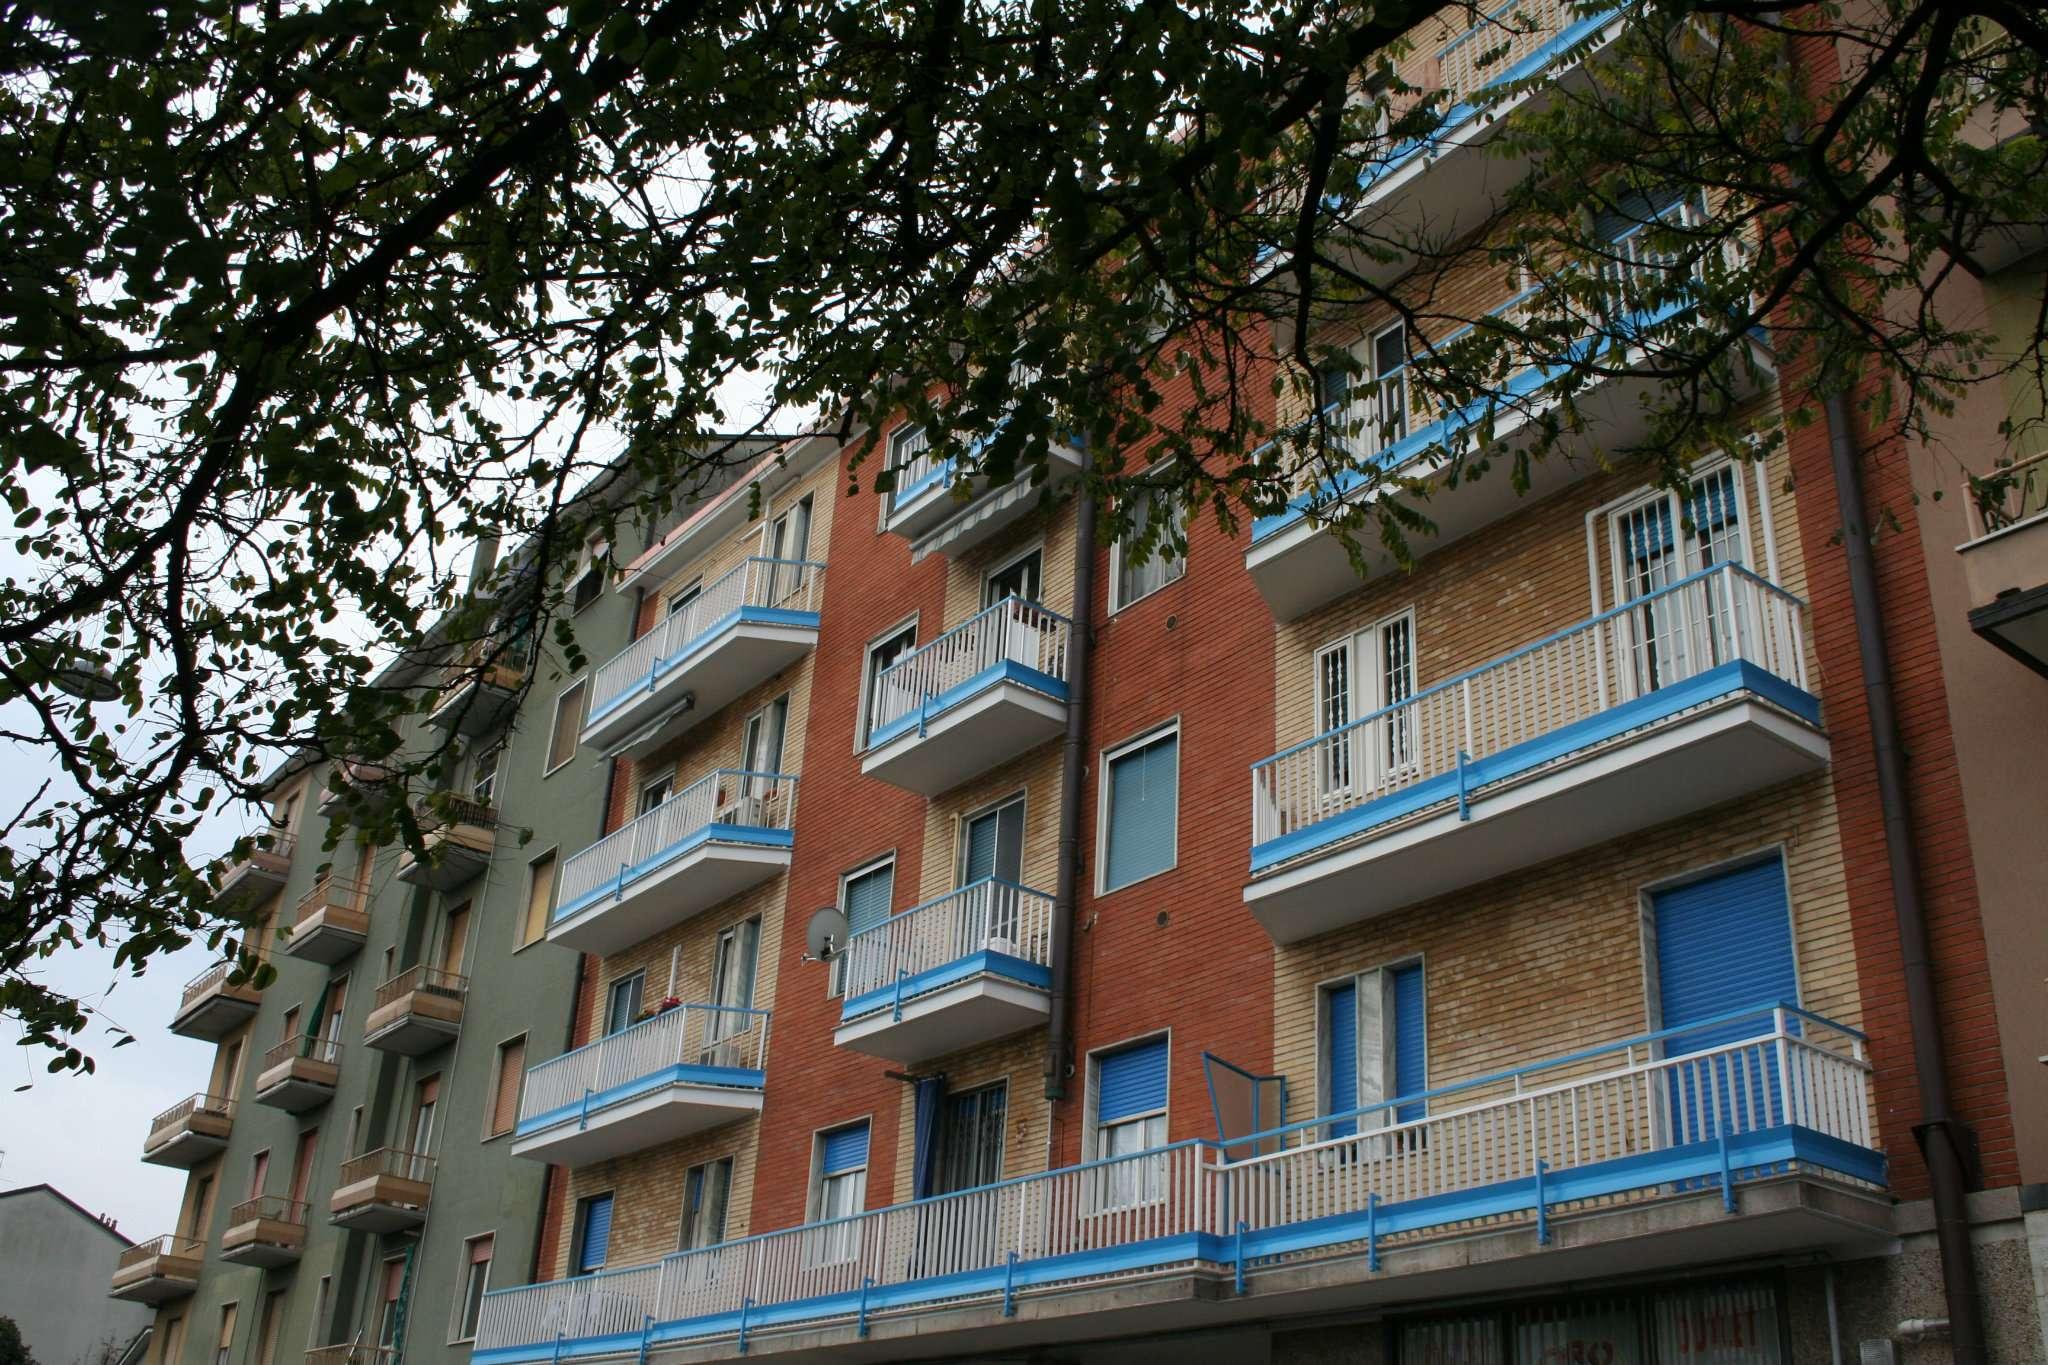 Appartamento in vendita a Cernusco sul Naviglio, 3 locali, prezzo € 119.000 | CambioCasa.it